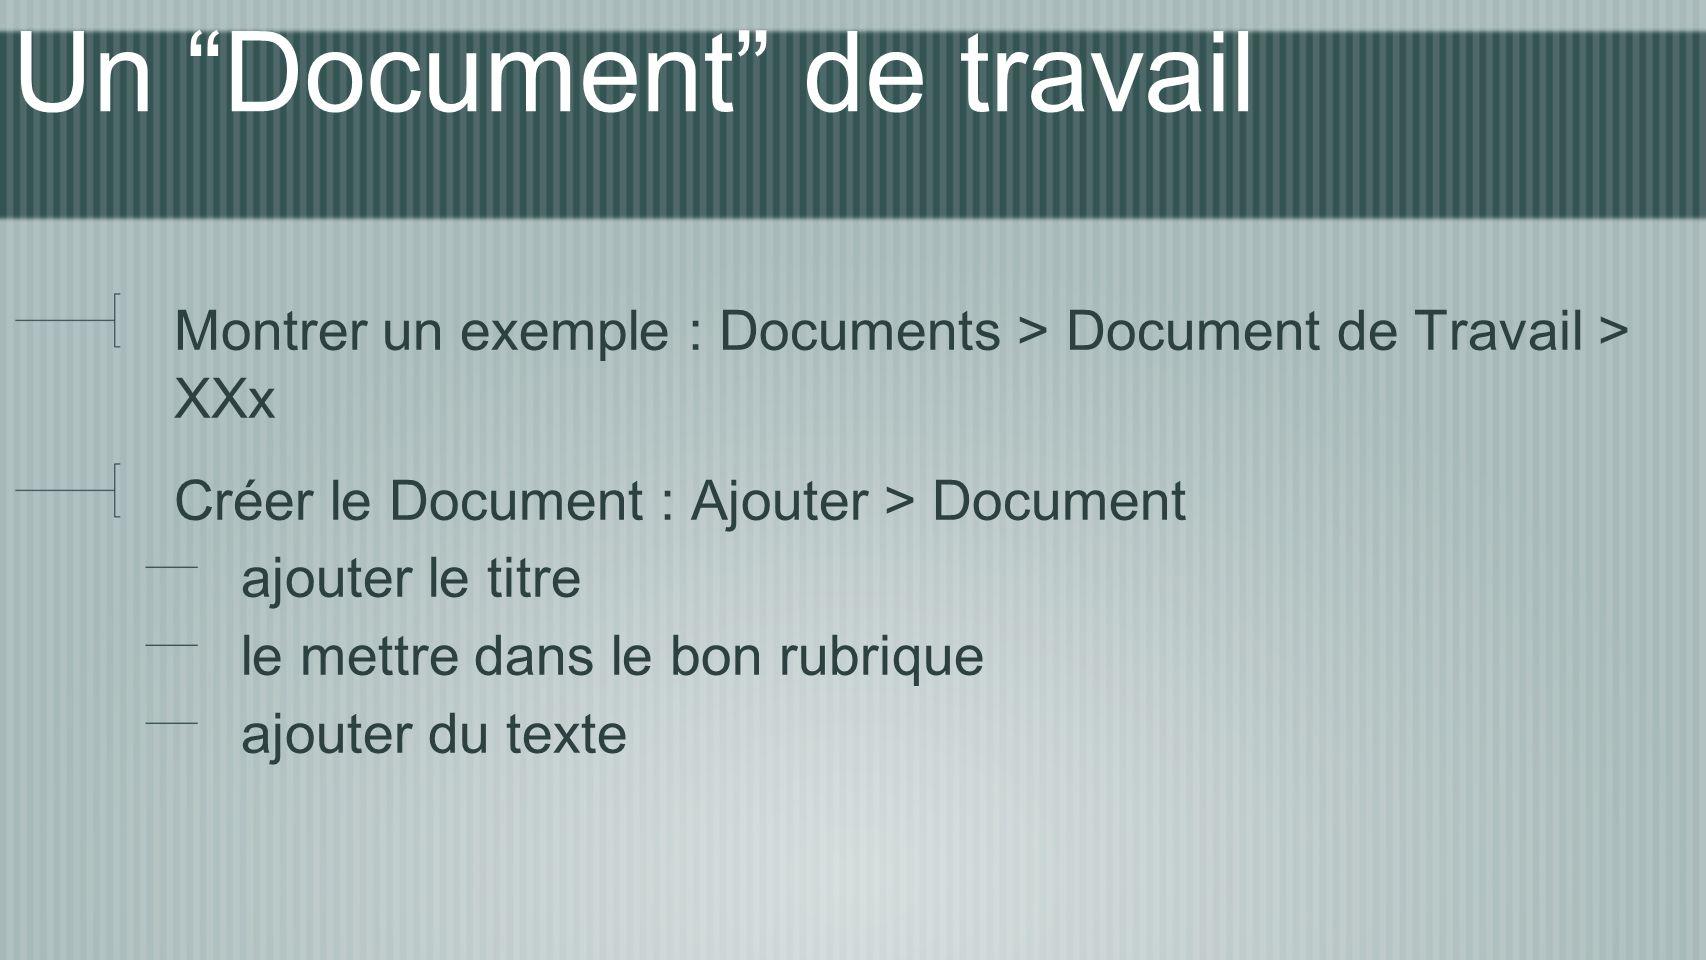 Un Document de travail Montrer un exemple : Documents > Document de Travail > XXx Créer le Document : Ajouter > Document ajouter le titre le mettre da